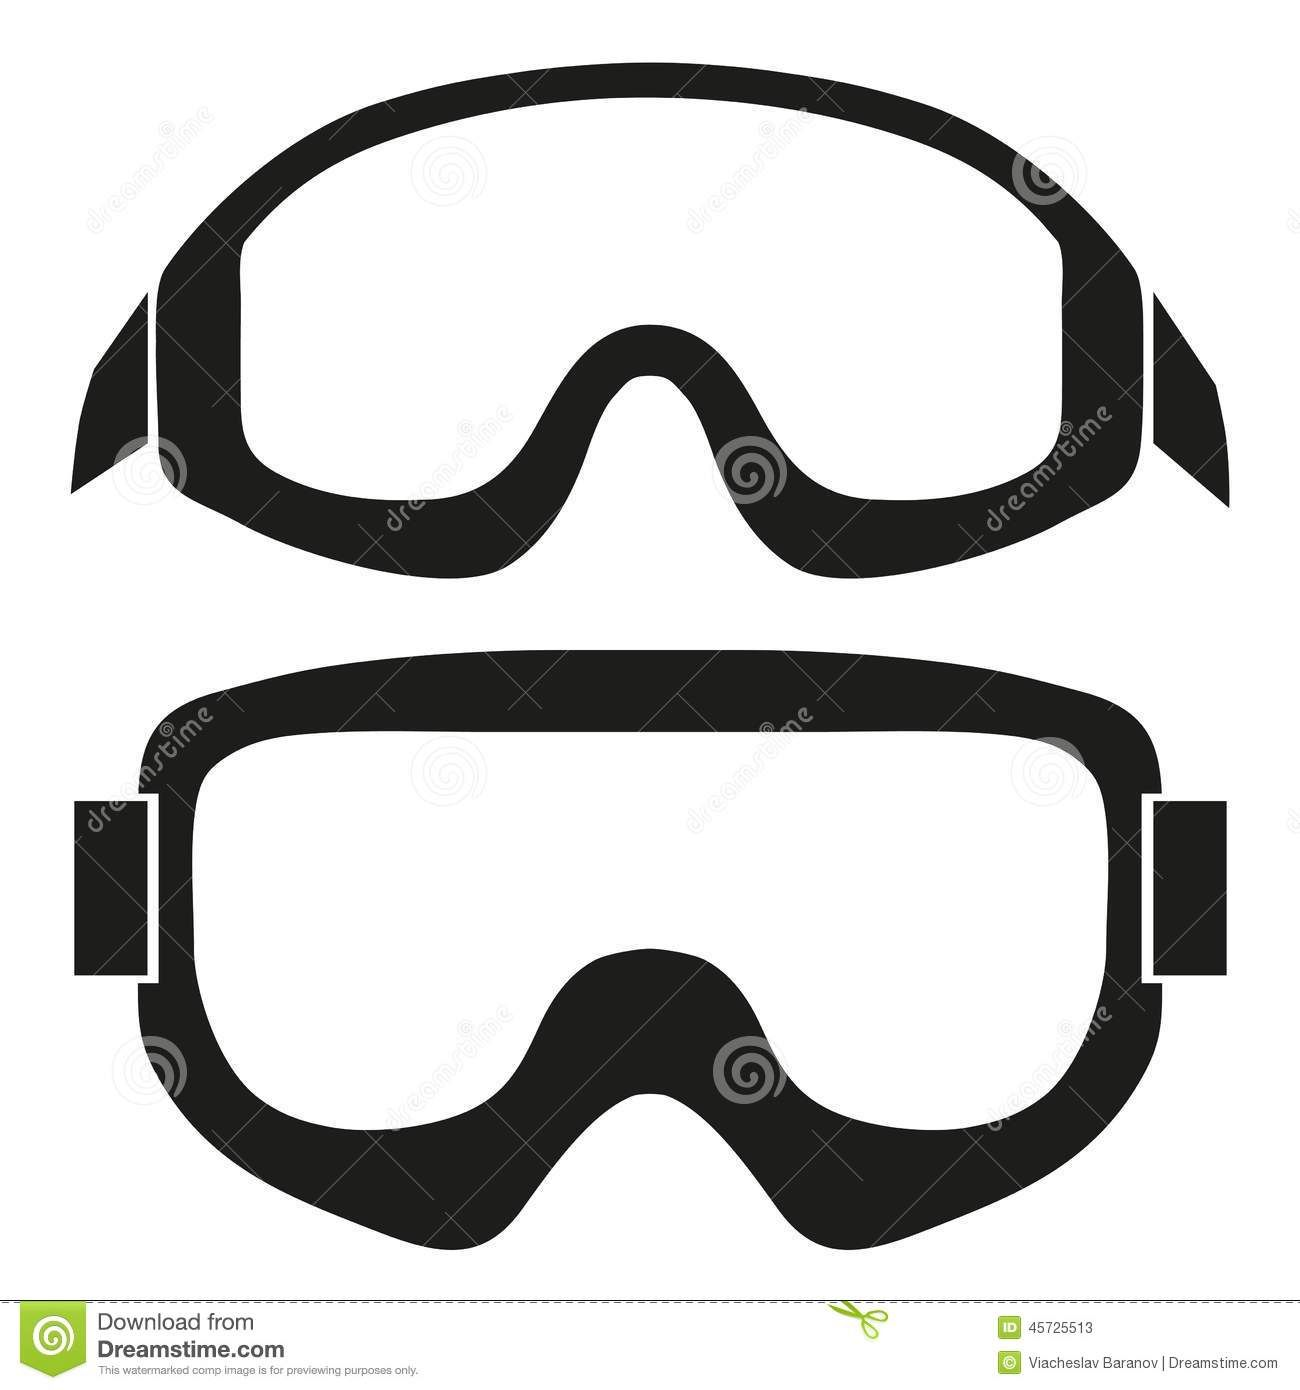 1300x1390 Silhouette Symbol Of Classic Snowboard Ski Goggles